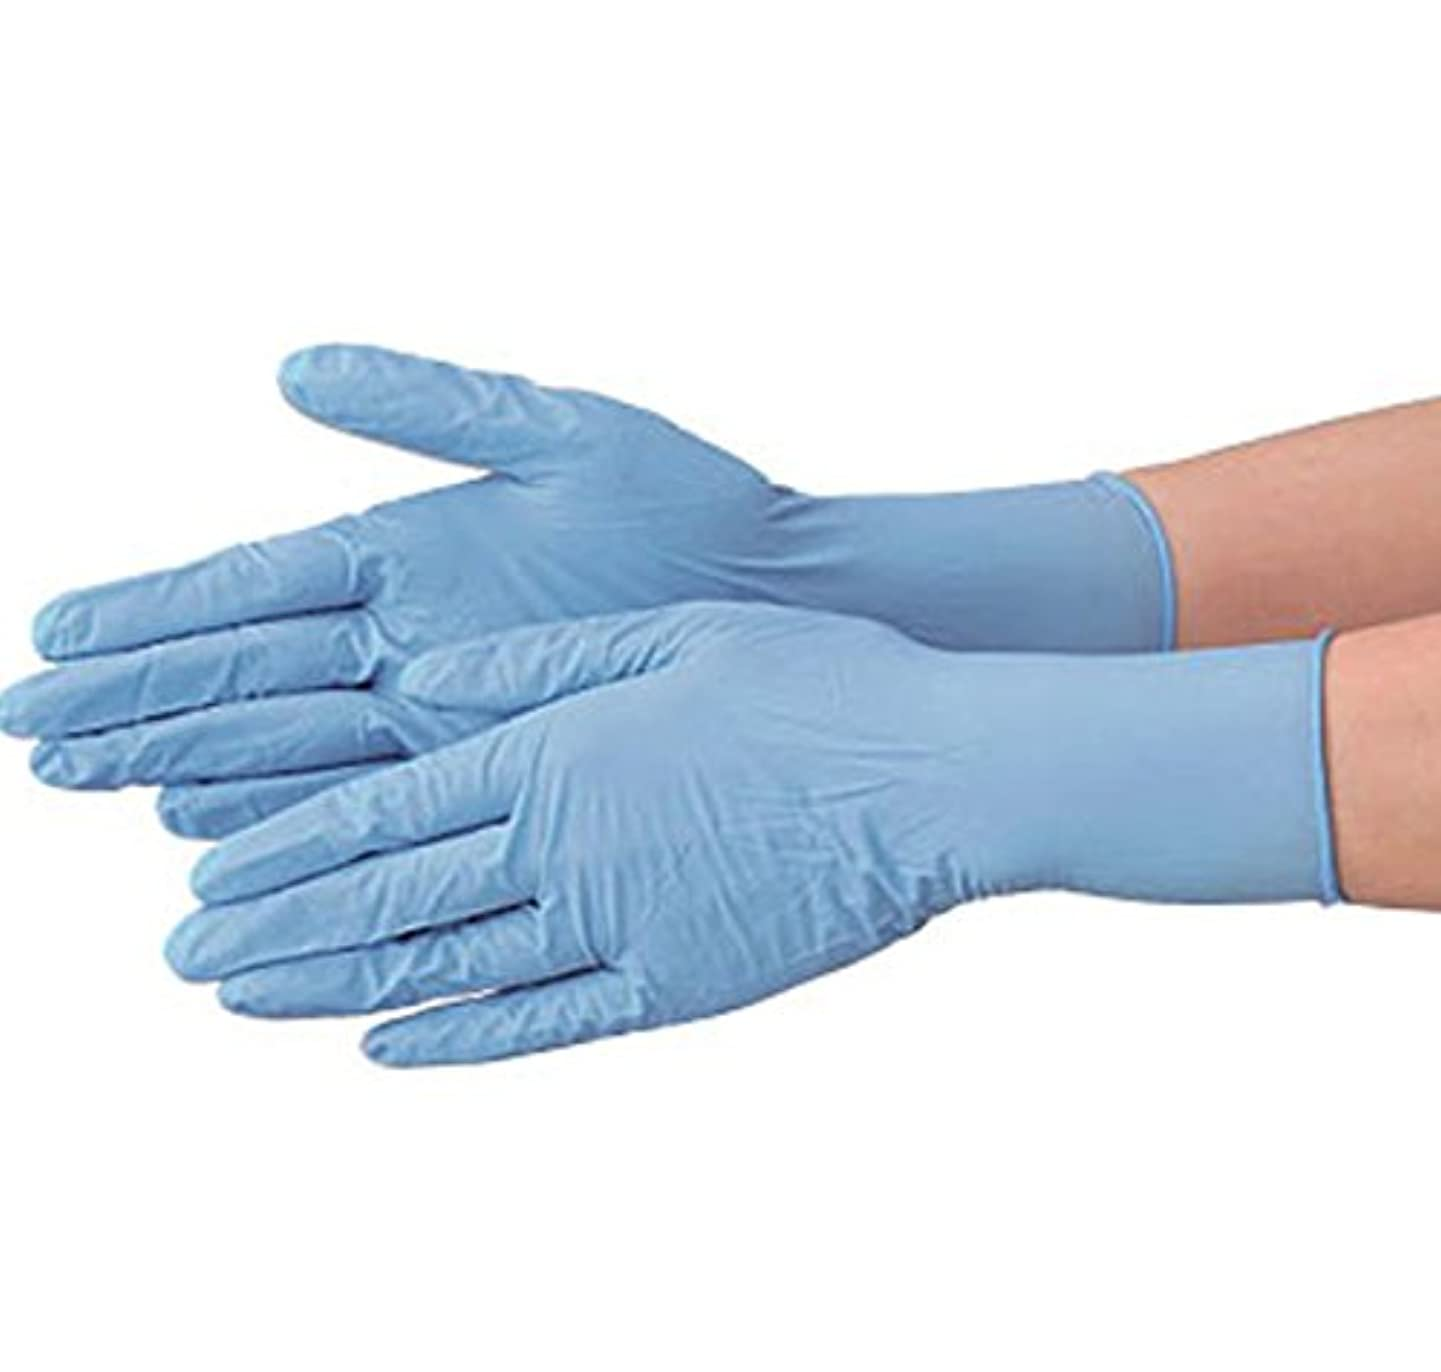 使い捨て 手袋 エブノ 520 ニトリル 極薄手袋 パウダーフリー ブルー Mサイズ 2ケース(100枚×40箱)